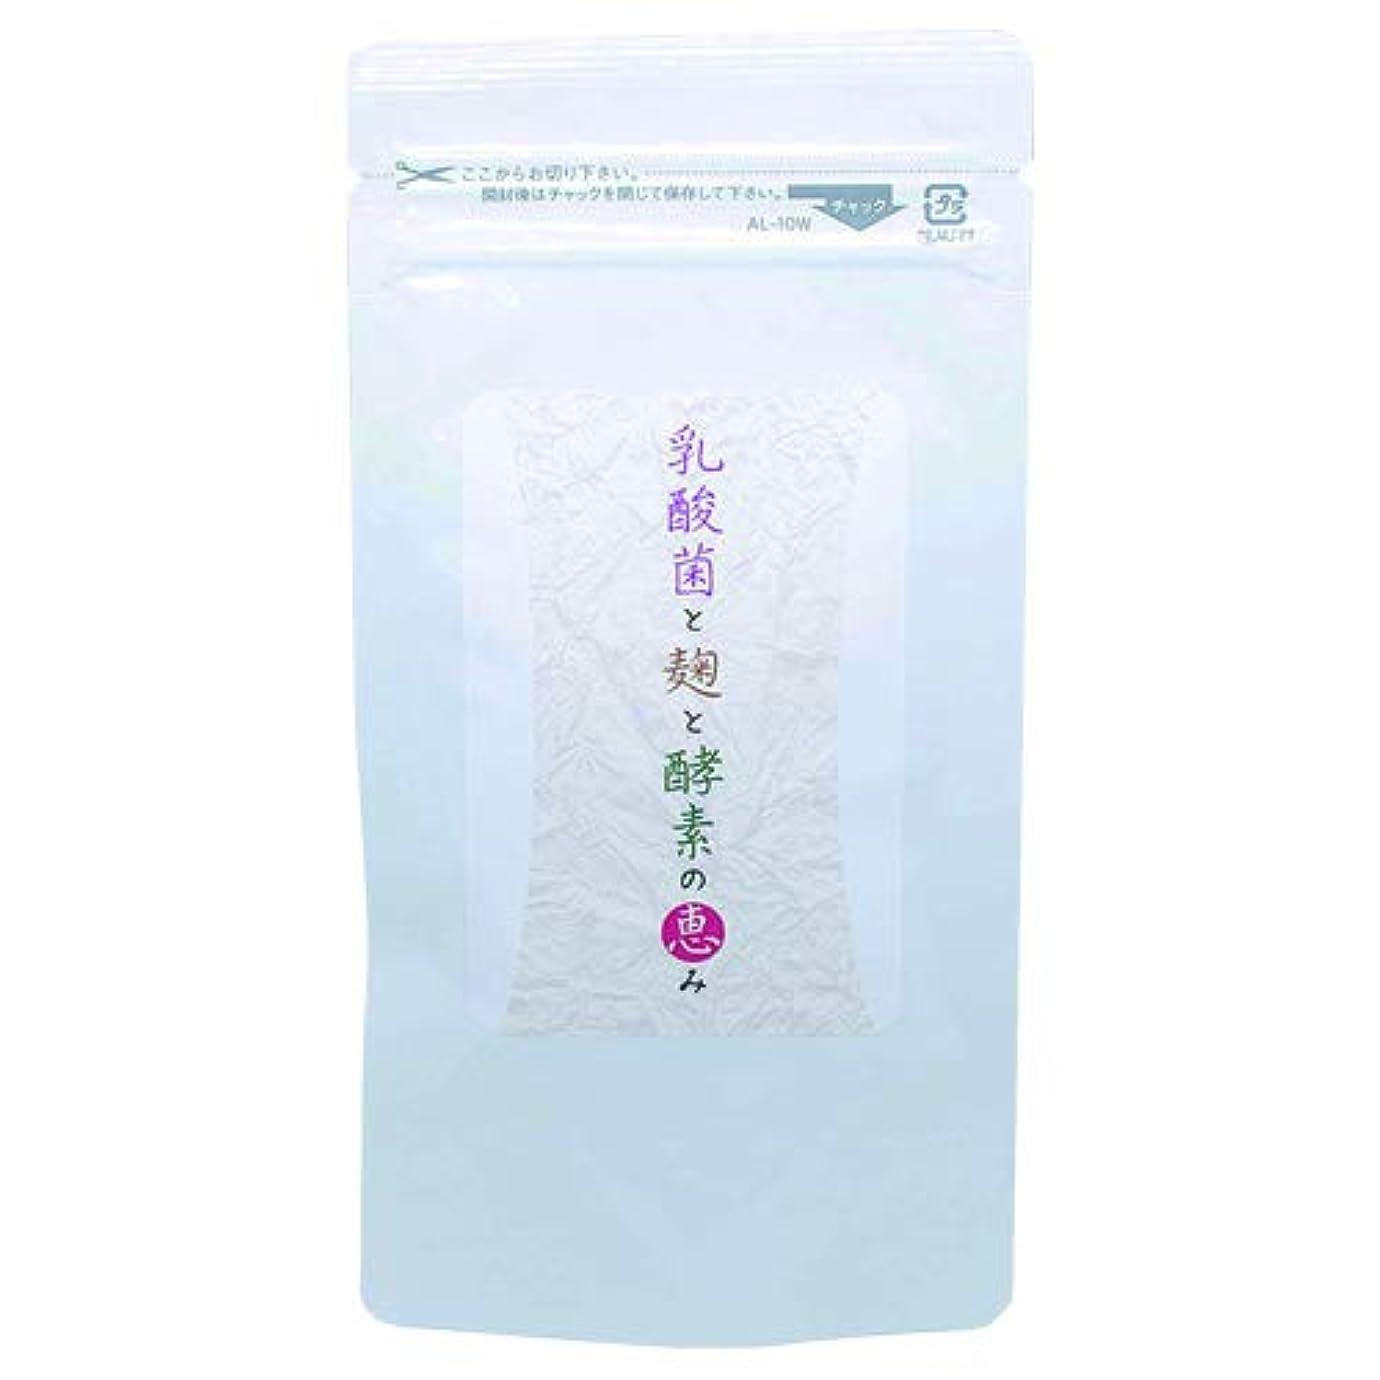 絡まる拮抗する含む乳酸菌と麹と酵素の恵み (1)